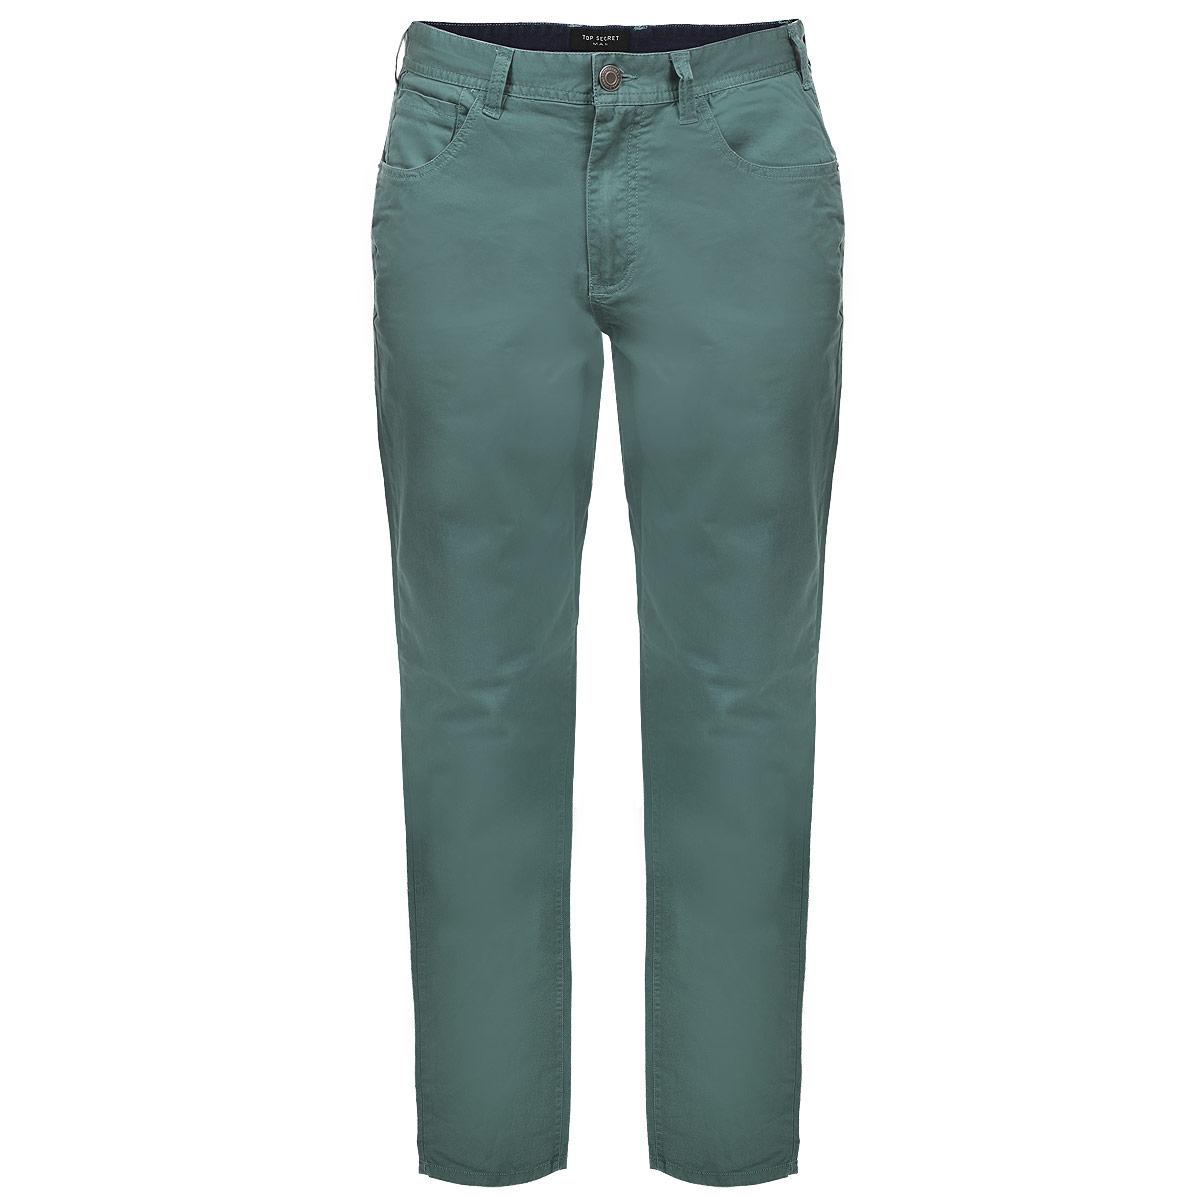 БрюкиSSP1902BEСтильные мужские брюки Top Secret высочайшего качества, подходят большинству мужчин. Модель прямого кроя и средней посадки станет отличным дополнением к вашему современному образу. Застегиваются брюки на молнию и пуговицу, имеются шлевки для ремня. Спереди модель оформлена двумя втачными карманами и одним секретным кармашком, а сзади - двумя накладными карманами. Эти модные и в тоже время комфортные брюки послужат отличным дополнением к вашему гардеробу. В них вы всегда будете чувствовать себя уютно и комфортно.